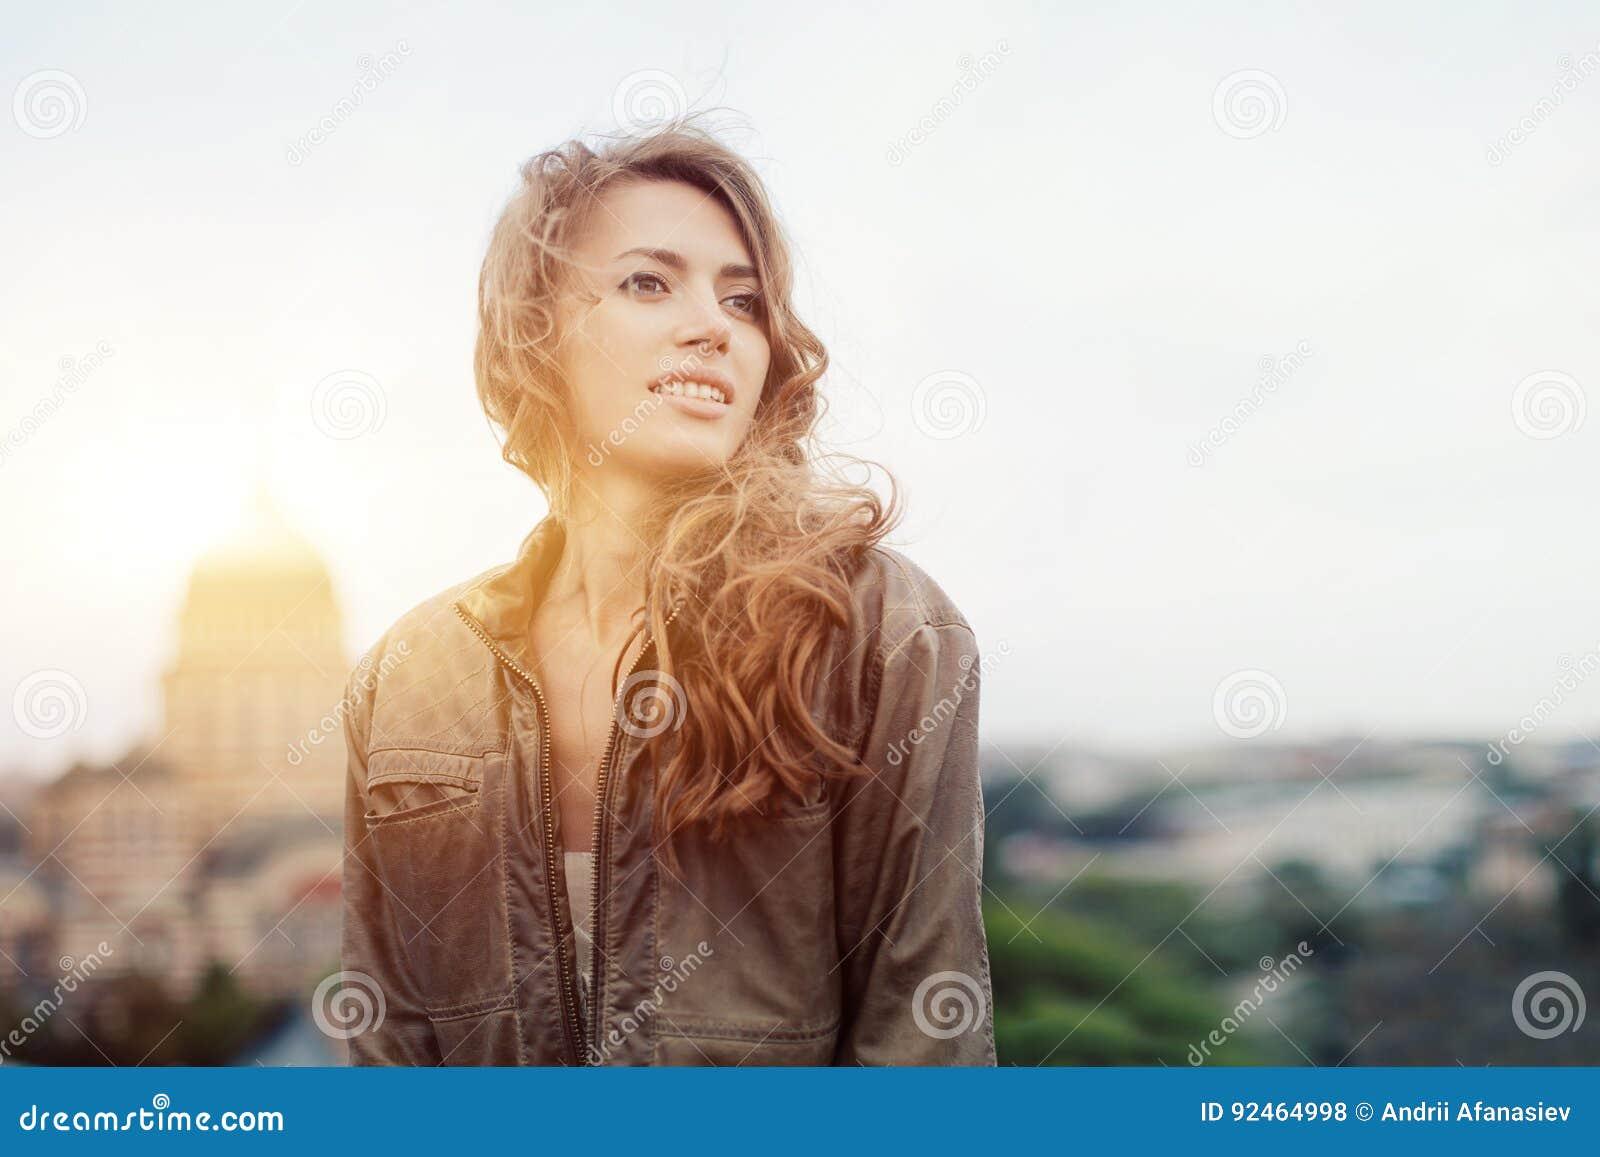 充满好心情的年轻可爱的妇女享受美好的城市风景的,当站立在大厦,迷人的微笑的臀部时屋顶